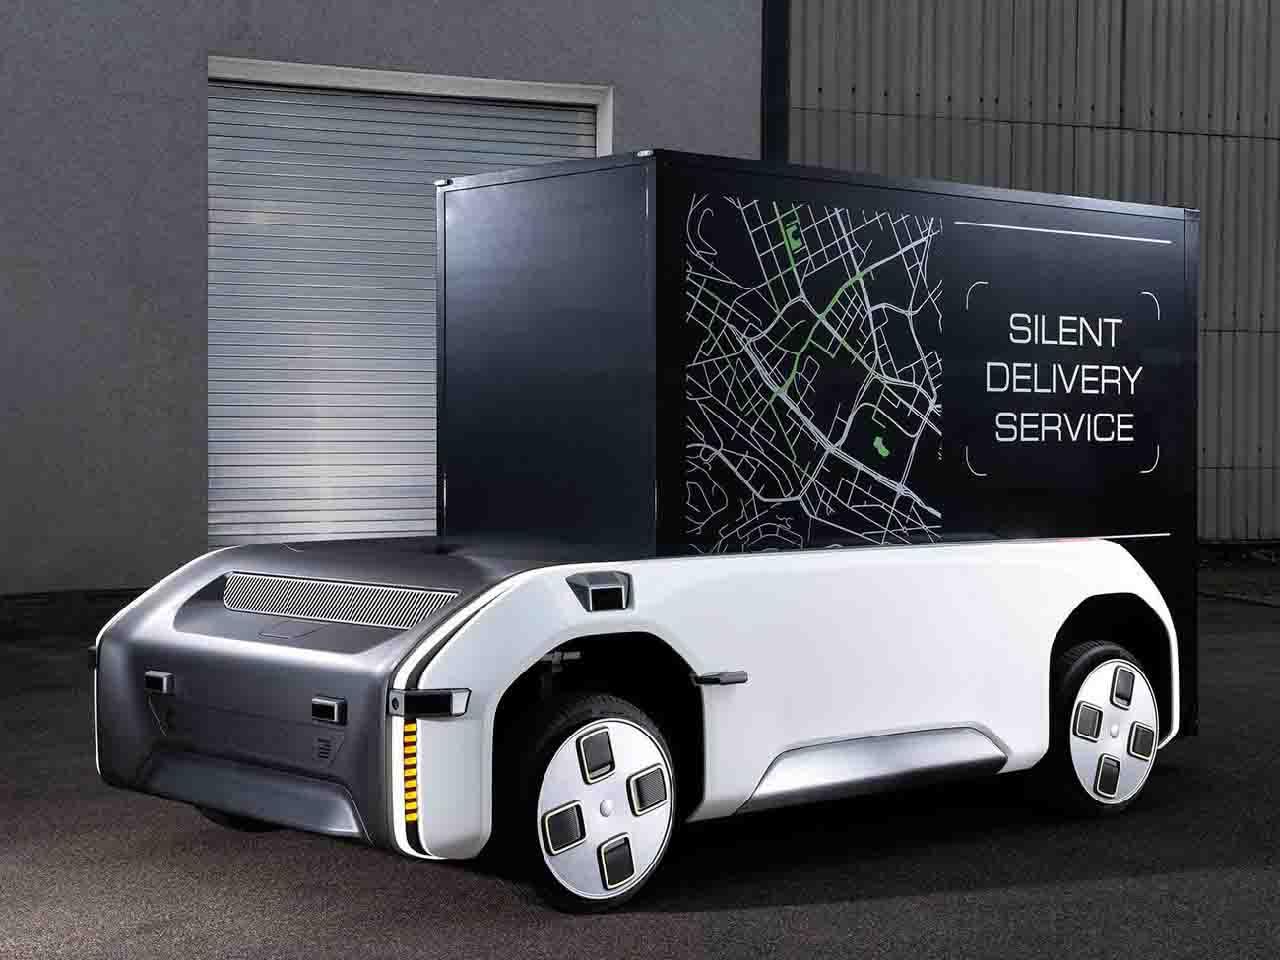 خودروی الکتریکی مدولار